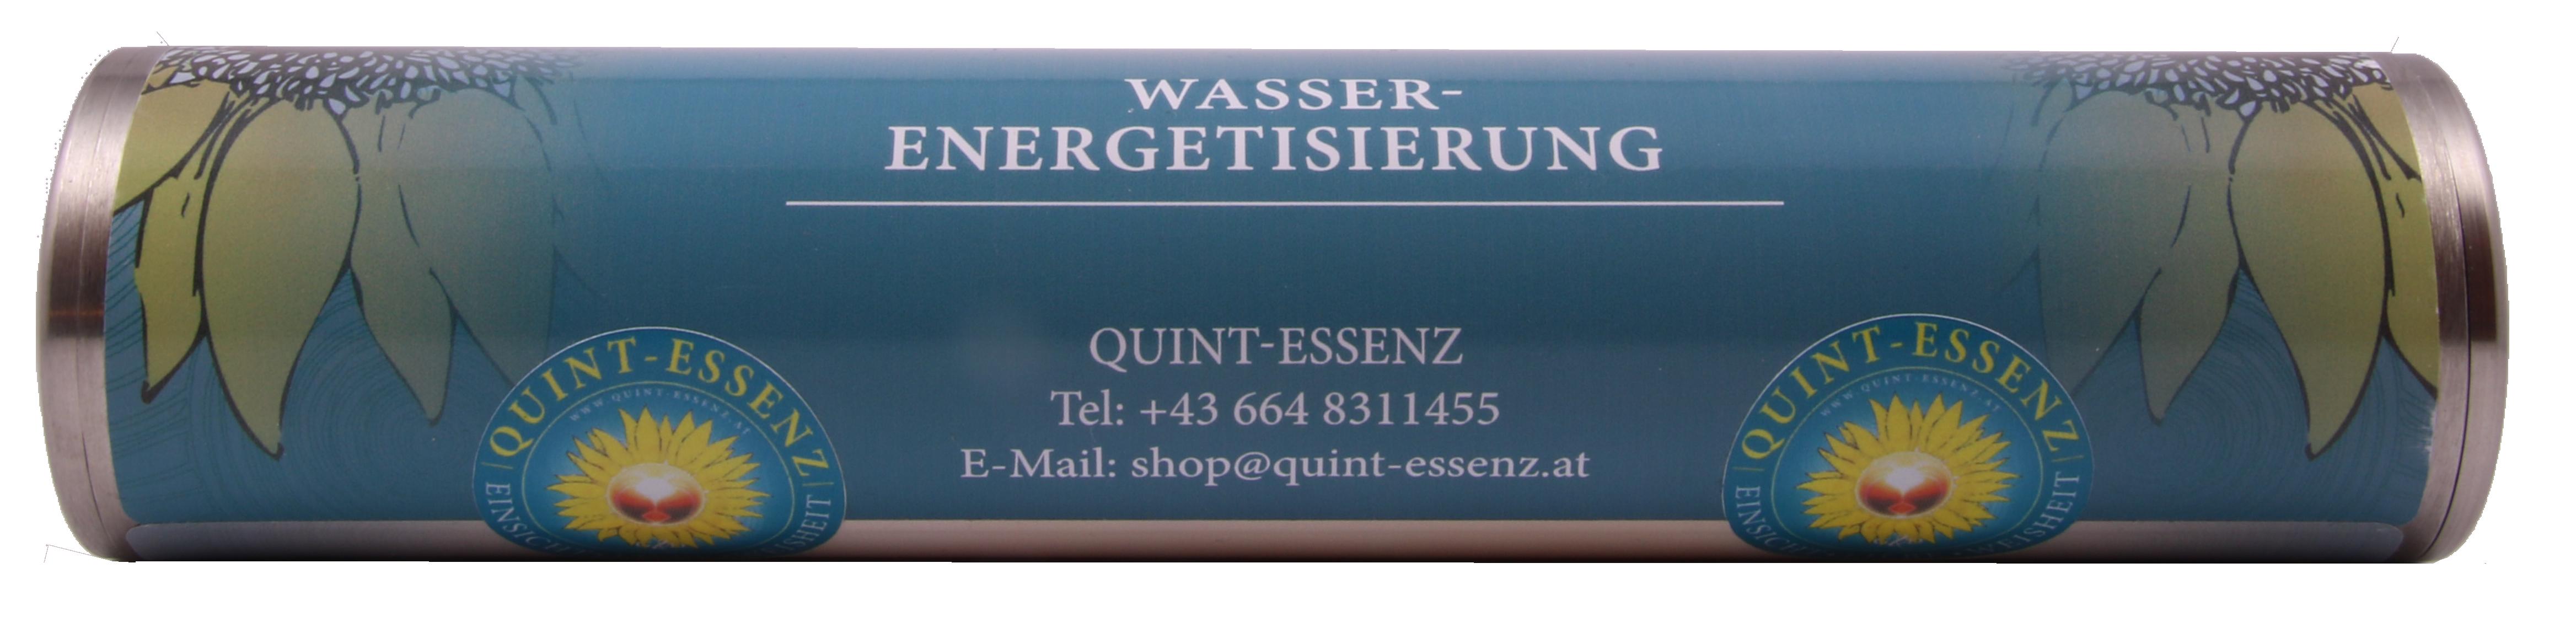 Quintessenz Energetisierer (Raum&Wasser)